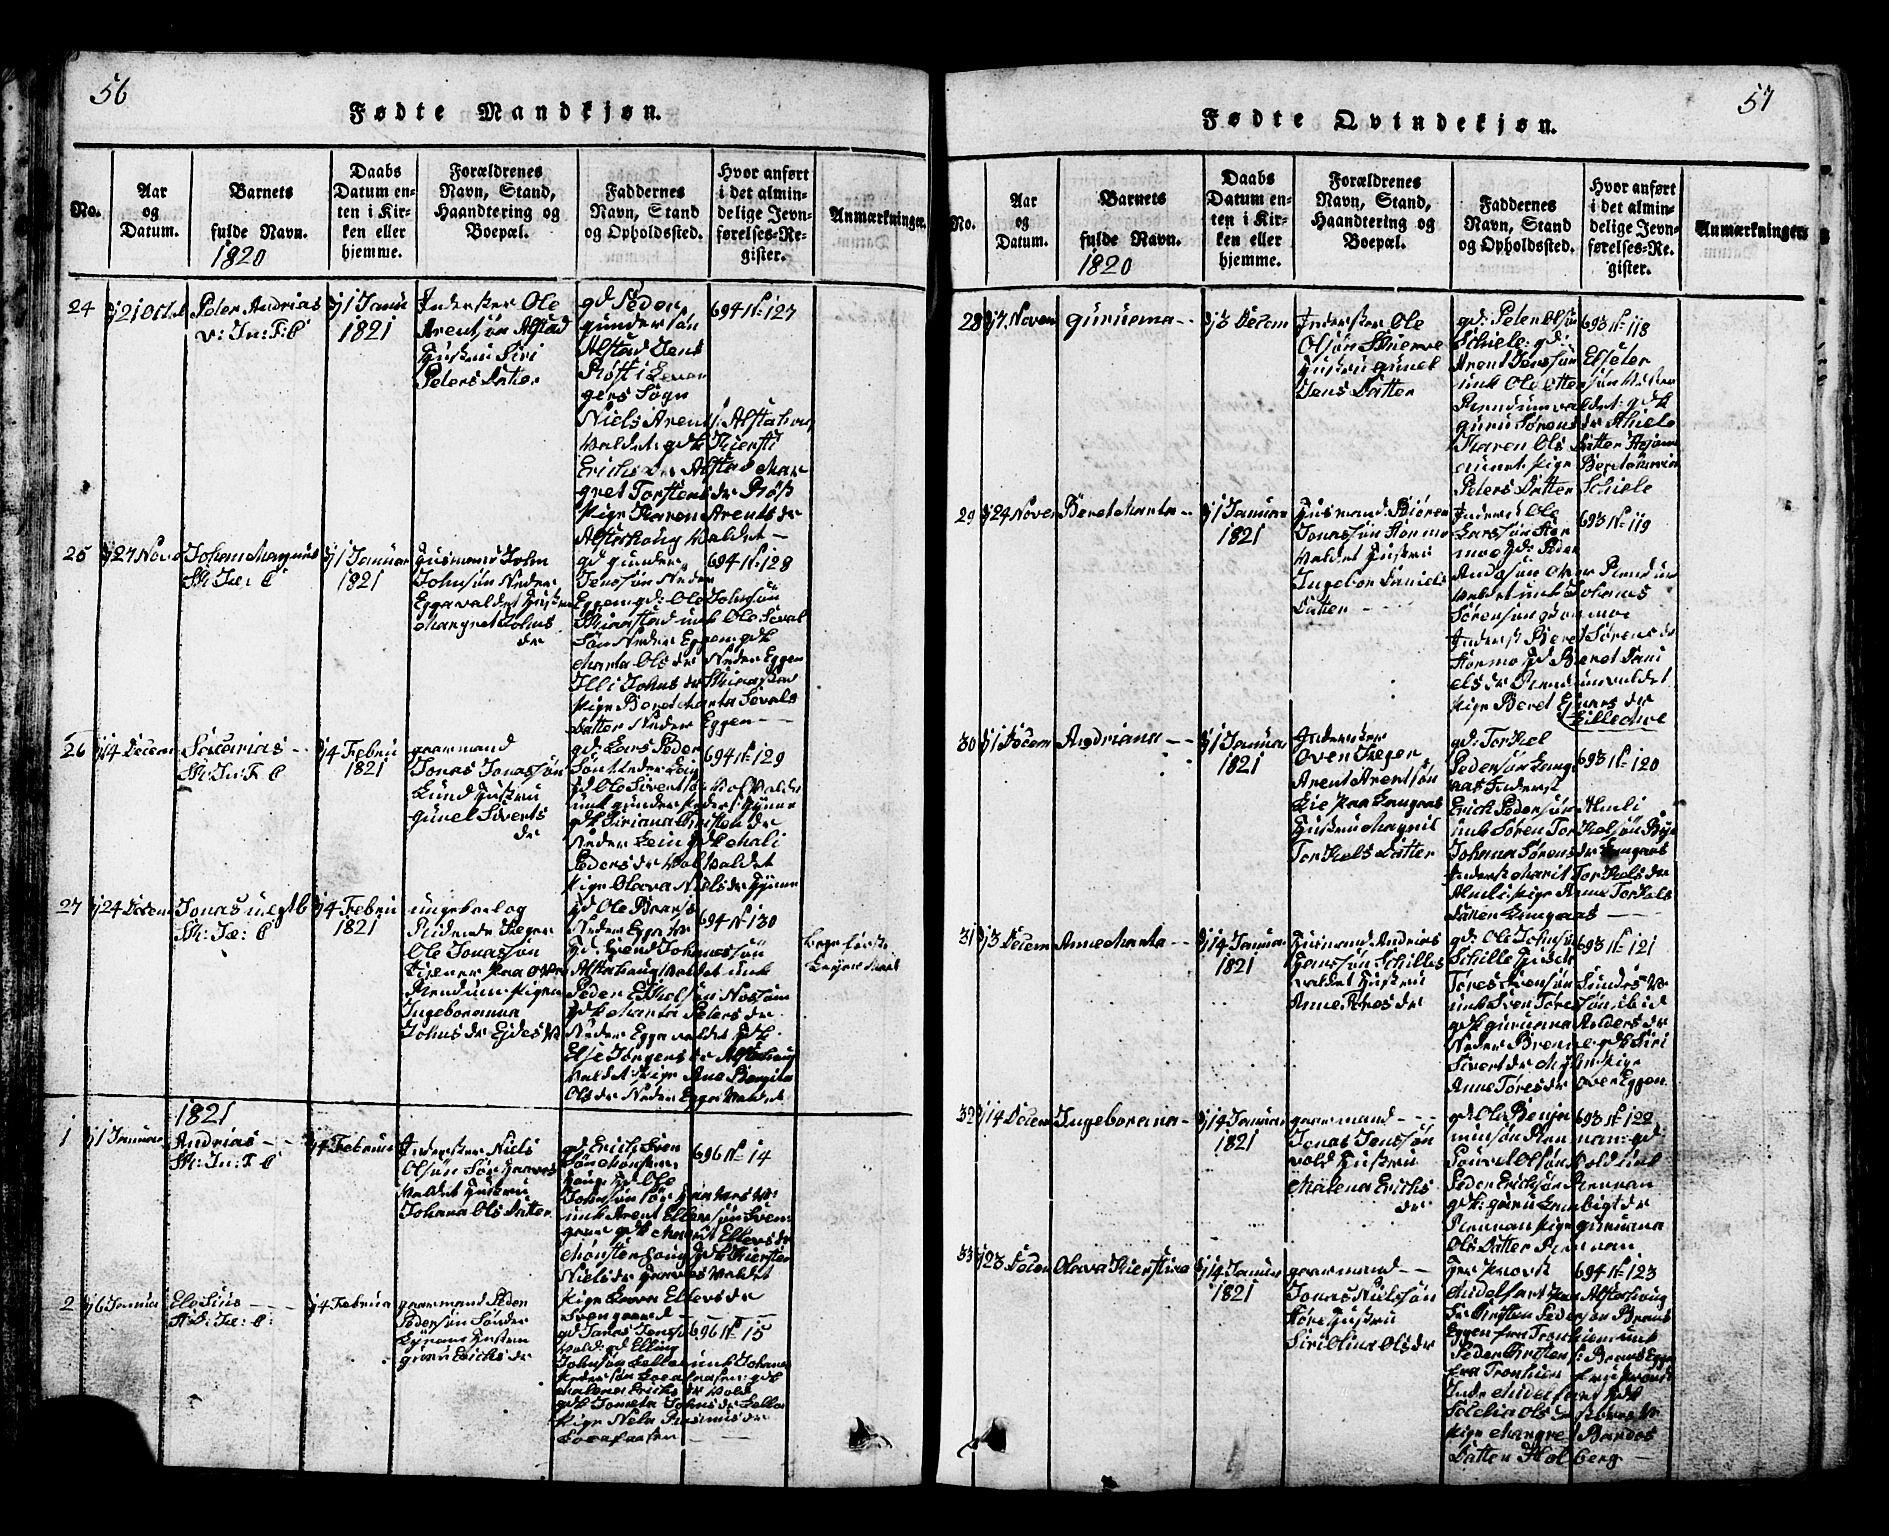 SAT, Ministerialprotokoller, klokkerbøker og fødselsregistre - Nord-Trøndelag, 717/L0169: Klokkerbok nr. 717C01, 1816-1834, s. 56-57